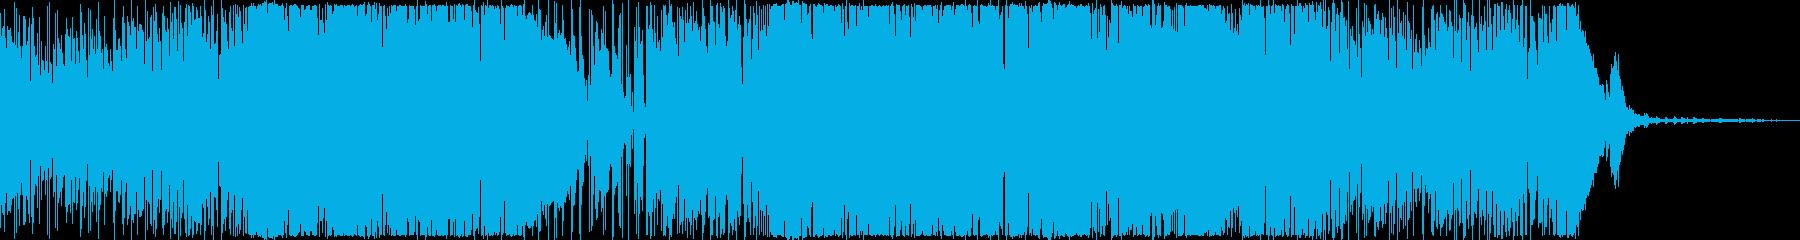 オープニング・楽しい・軽快・ファンクの再生済みの波形